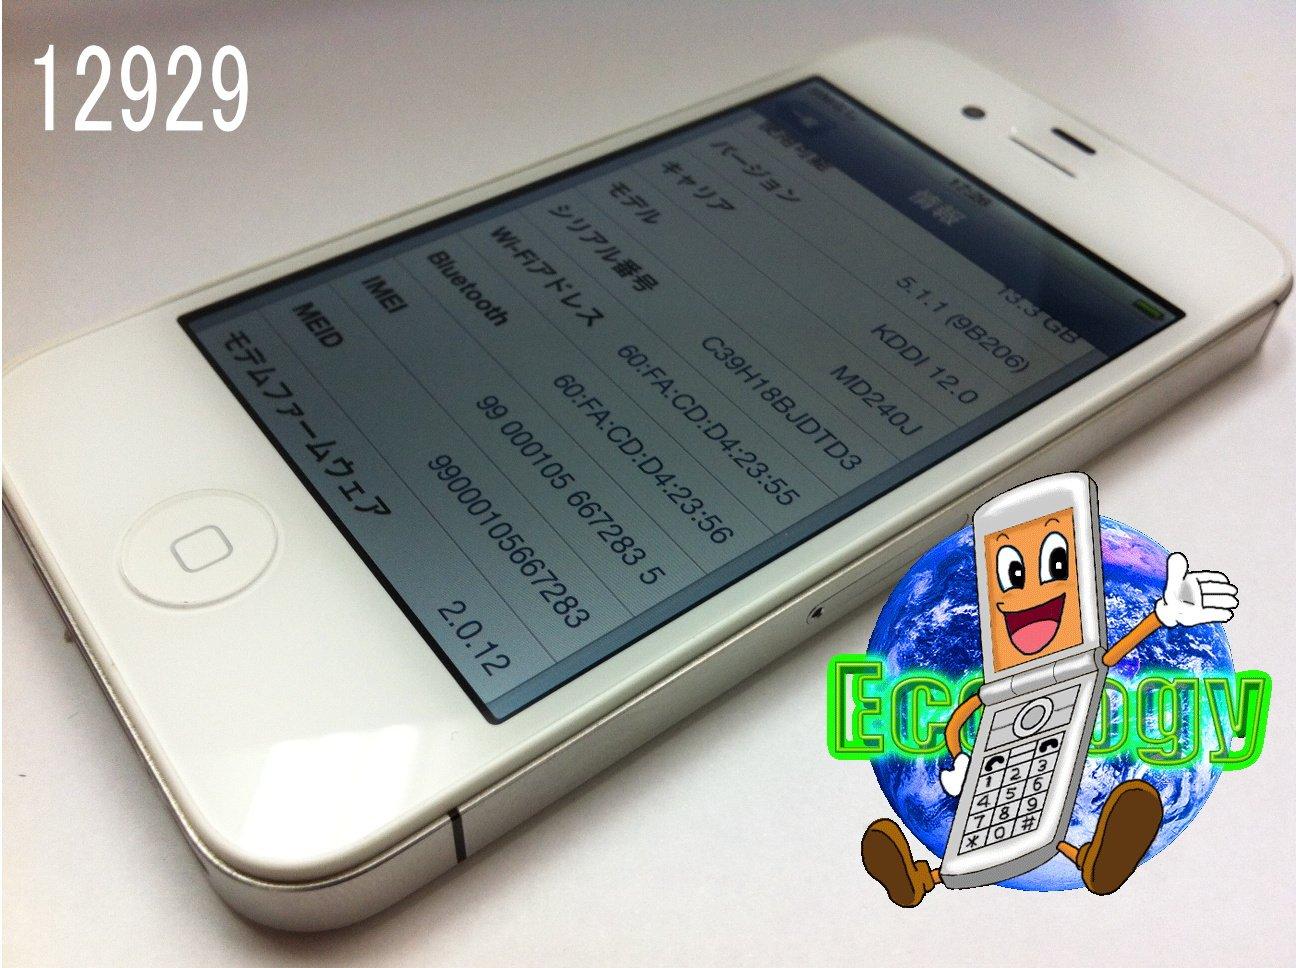 アップル 白ロム au iPhone4S 16GB MD240J/A ホワイト   B0095ETZRQ